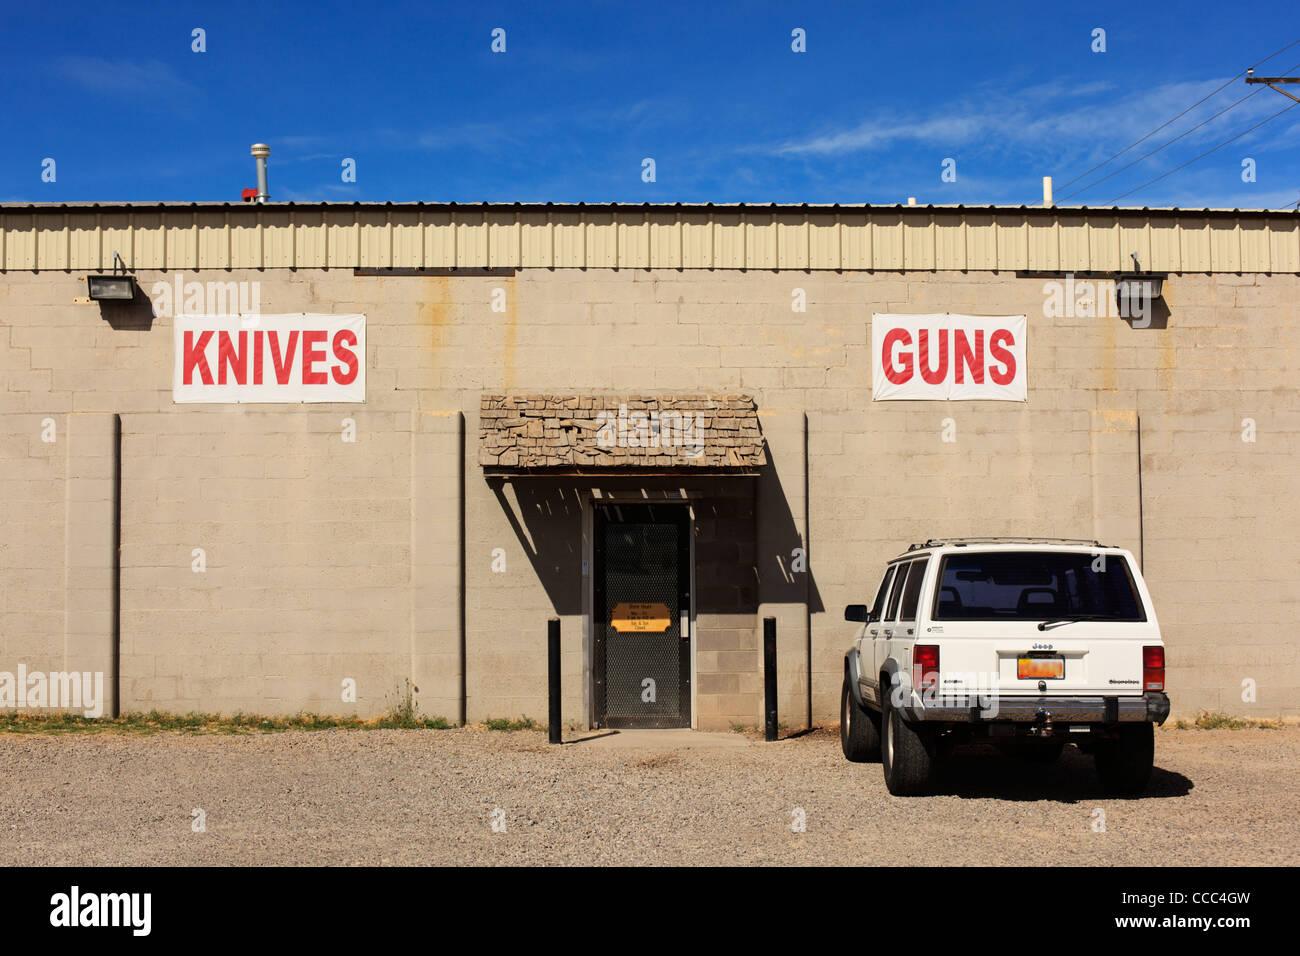 Boutique de vente de couteaux et de fusils, Nouveau Mexique, Etats-Unis (de l'ombre). Photo Stock